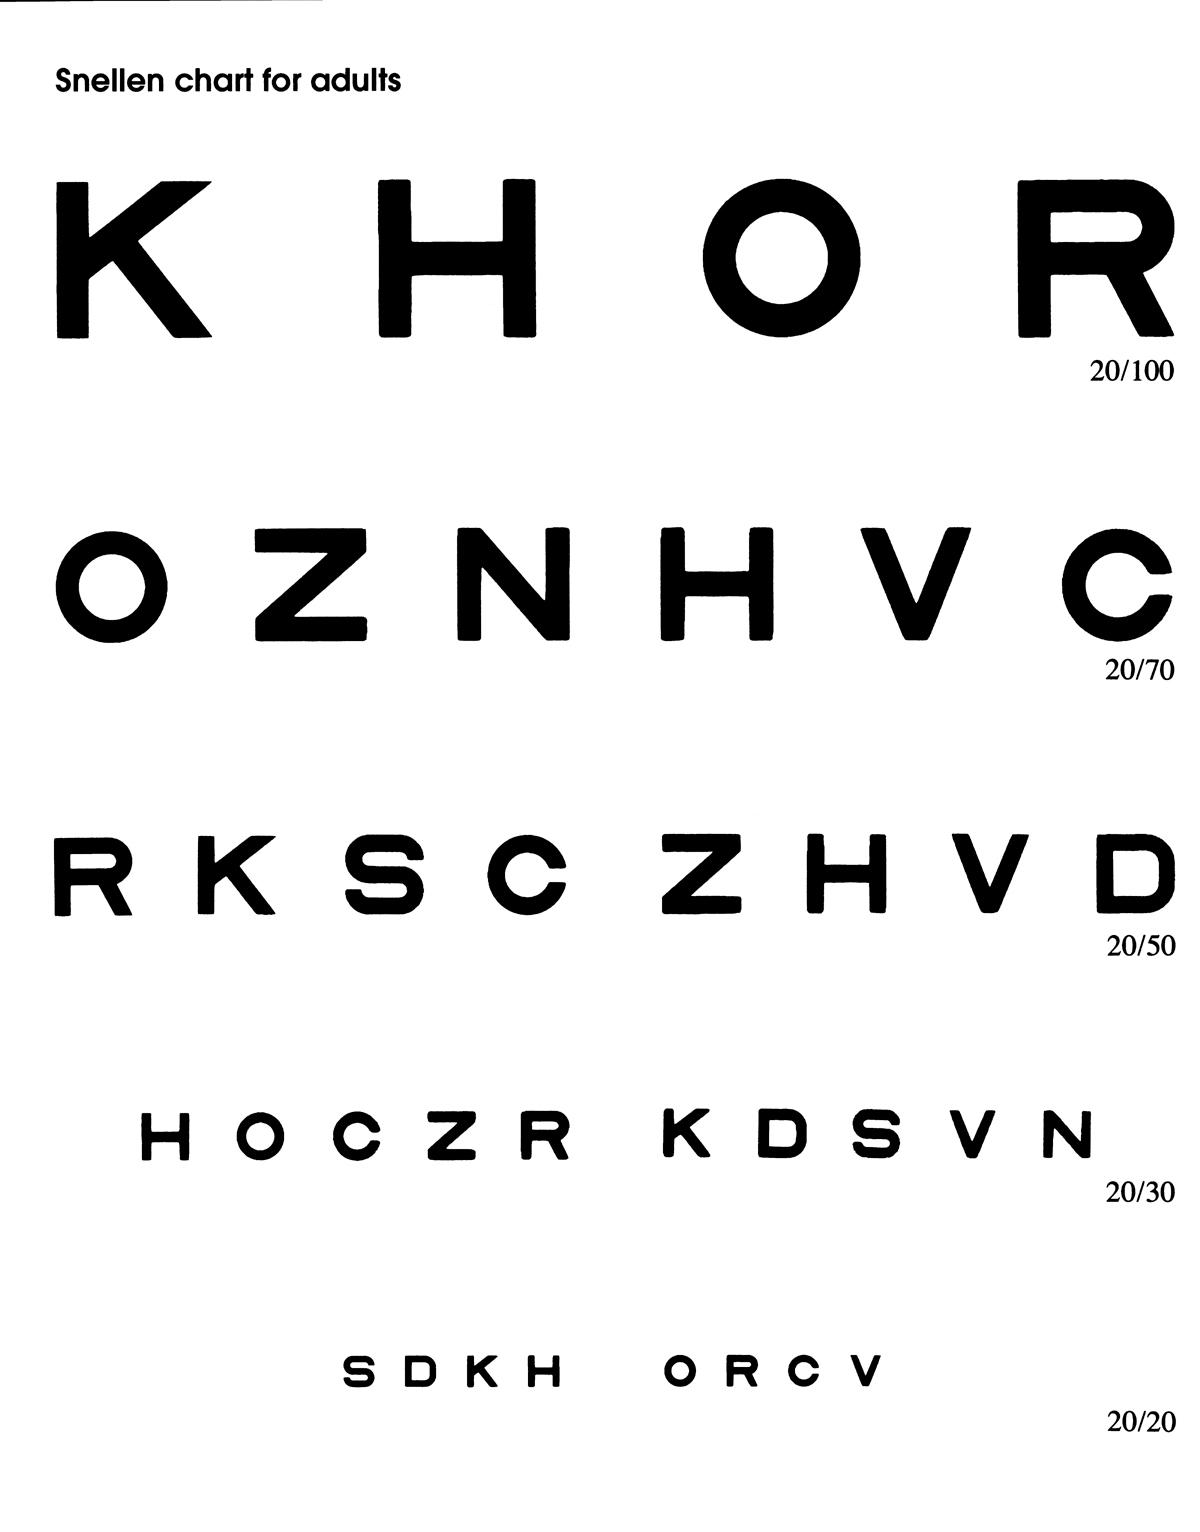 Snellen chart pdf 66 set of 2 eye chart printables instant hd image of snellen chart pdf 66 snellen eye chart printable pdf choice nvjuhfo Image collections